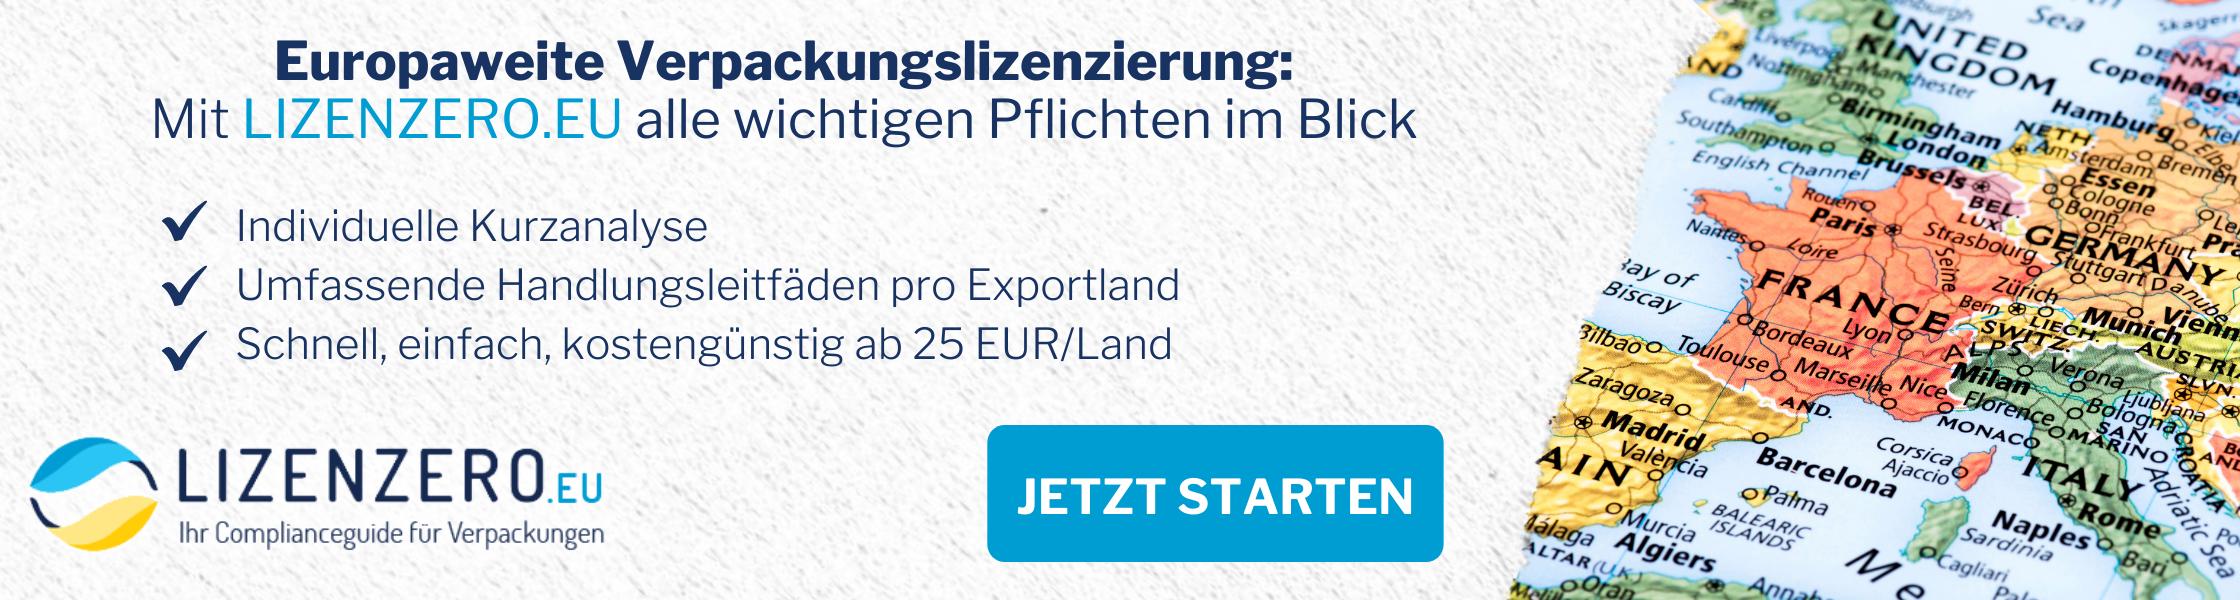 Lizenzero-eu-Banner